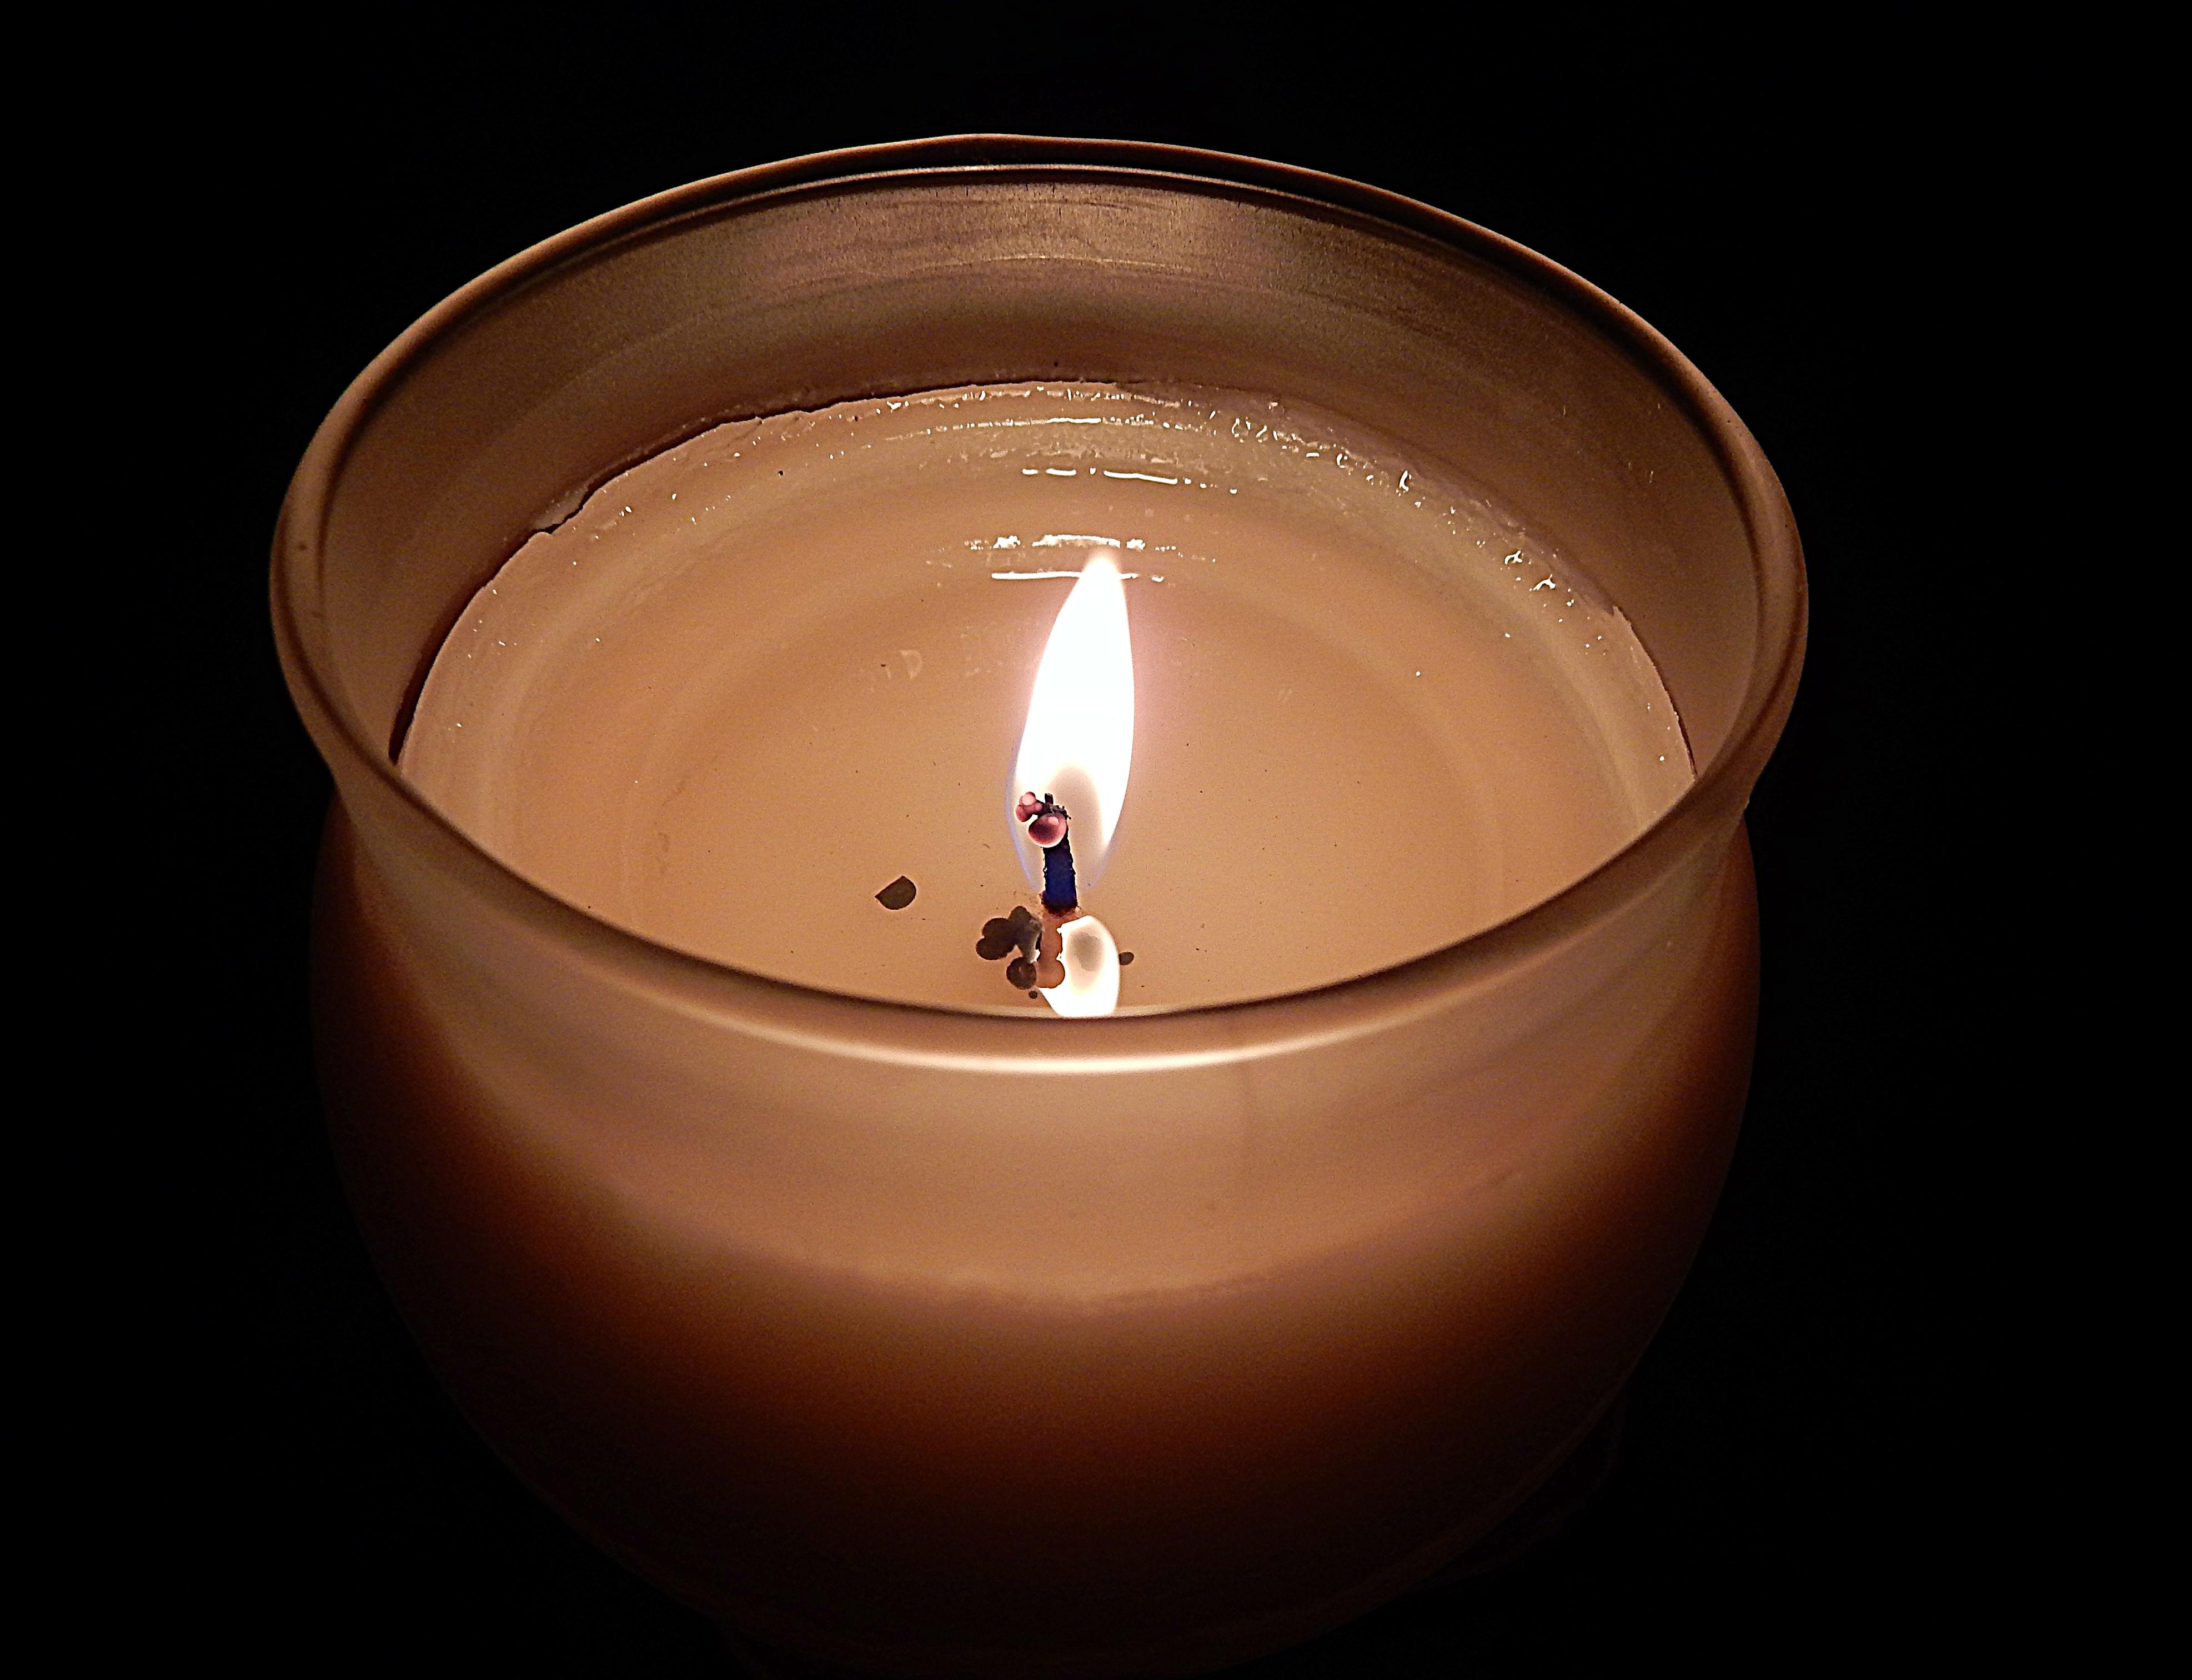 무료 이미지 : 빛나는, 밤, 어두운, 저녁, 어둠, 램프, 양초, 장식 ...